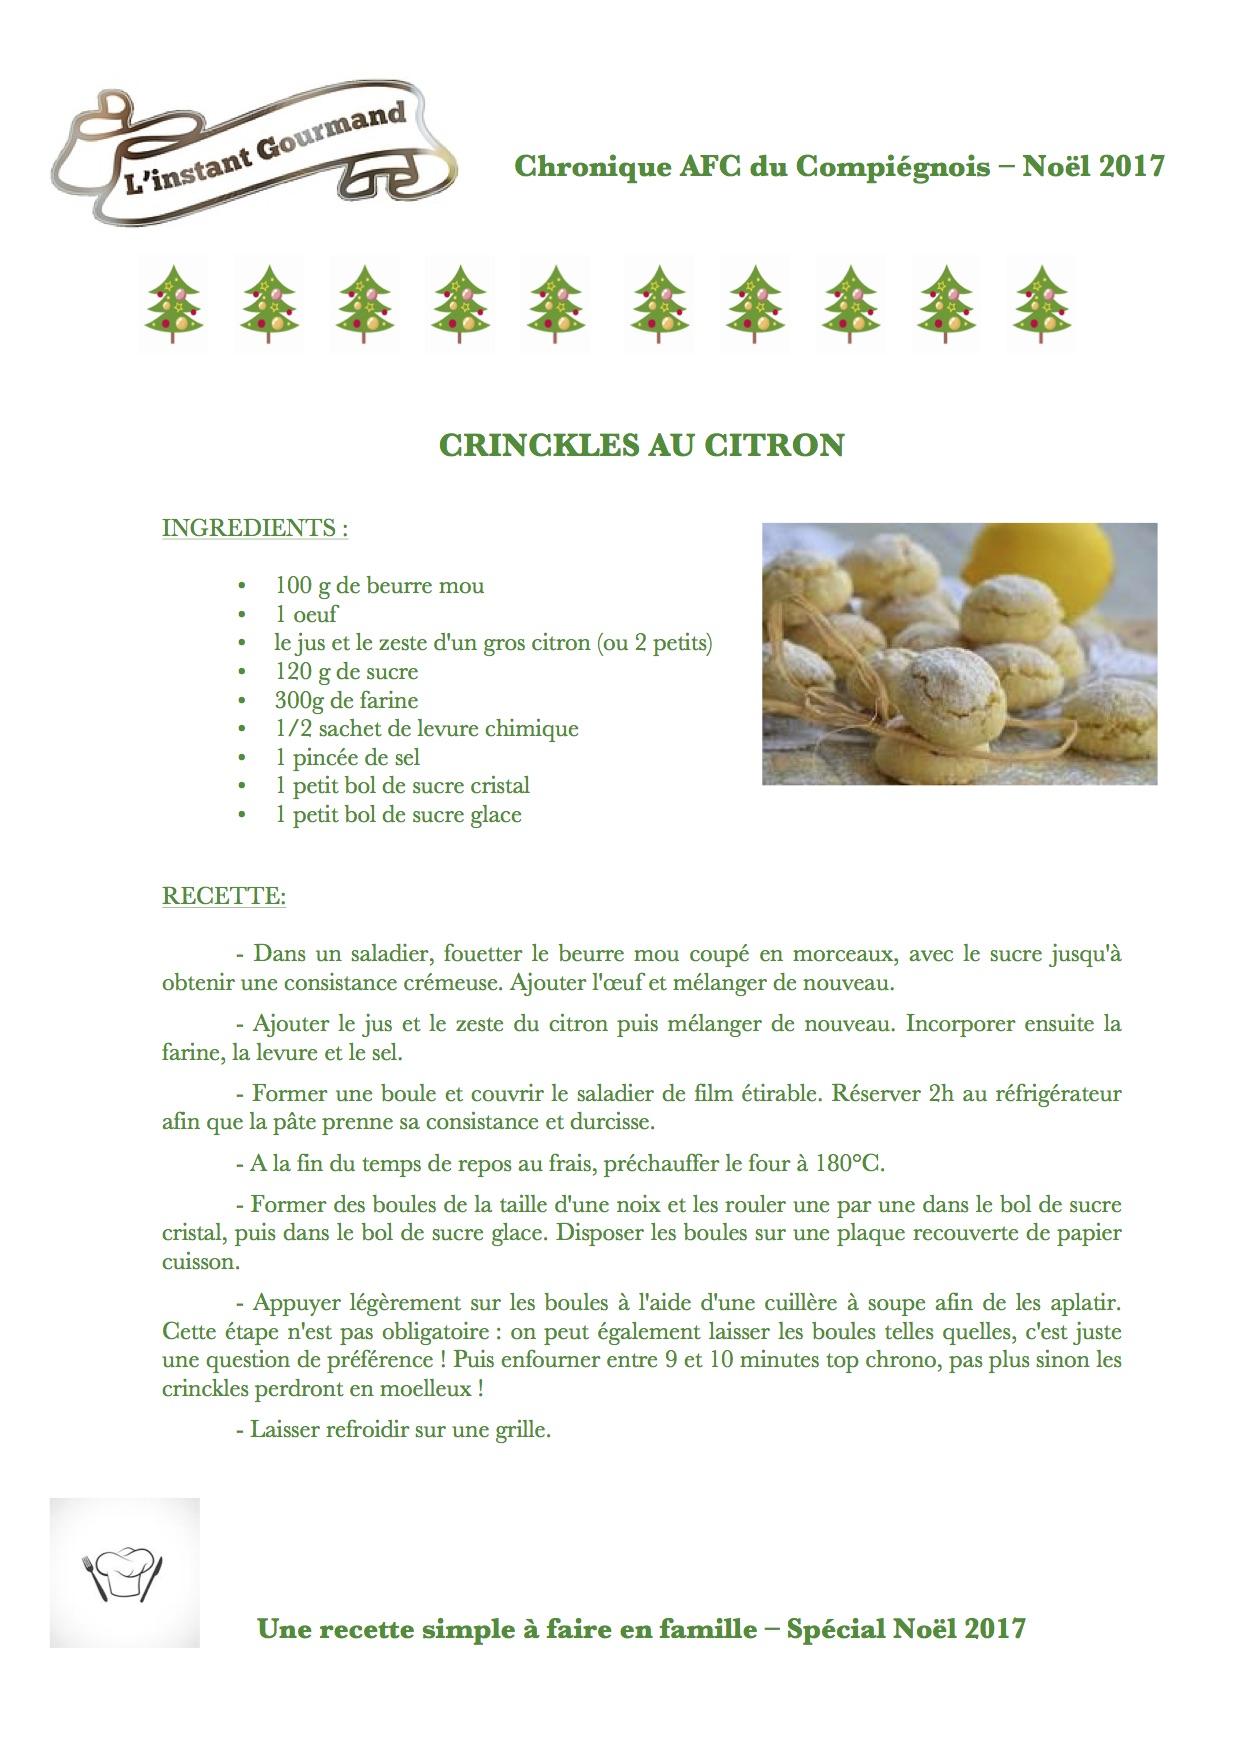 Crinckles au citron